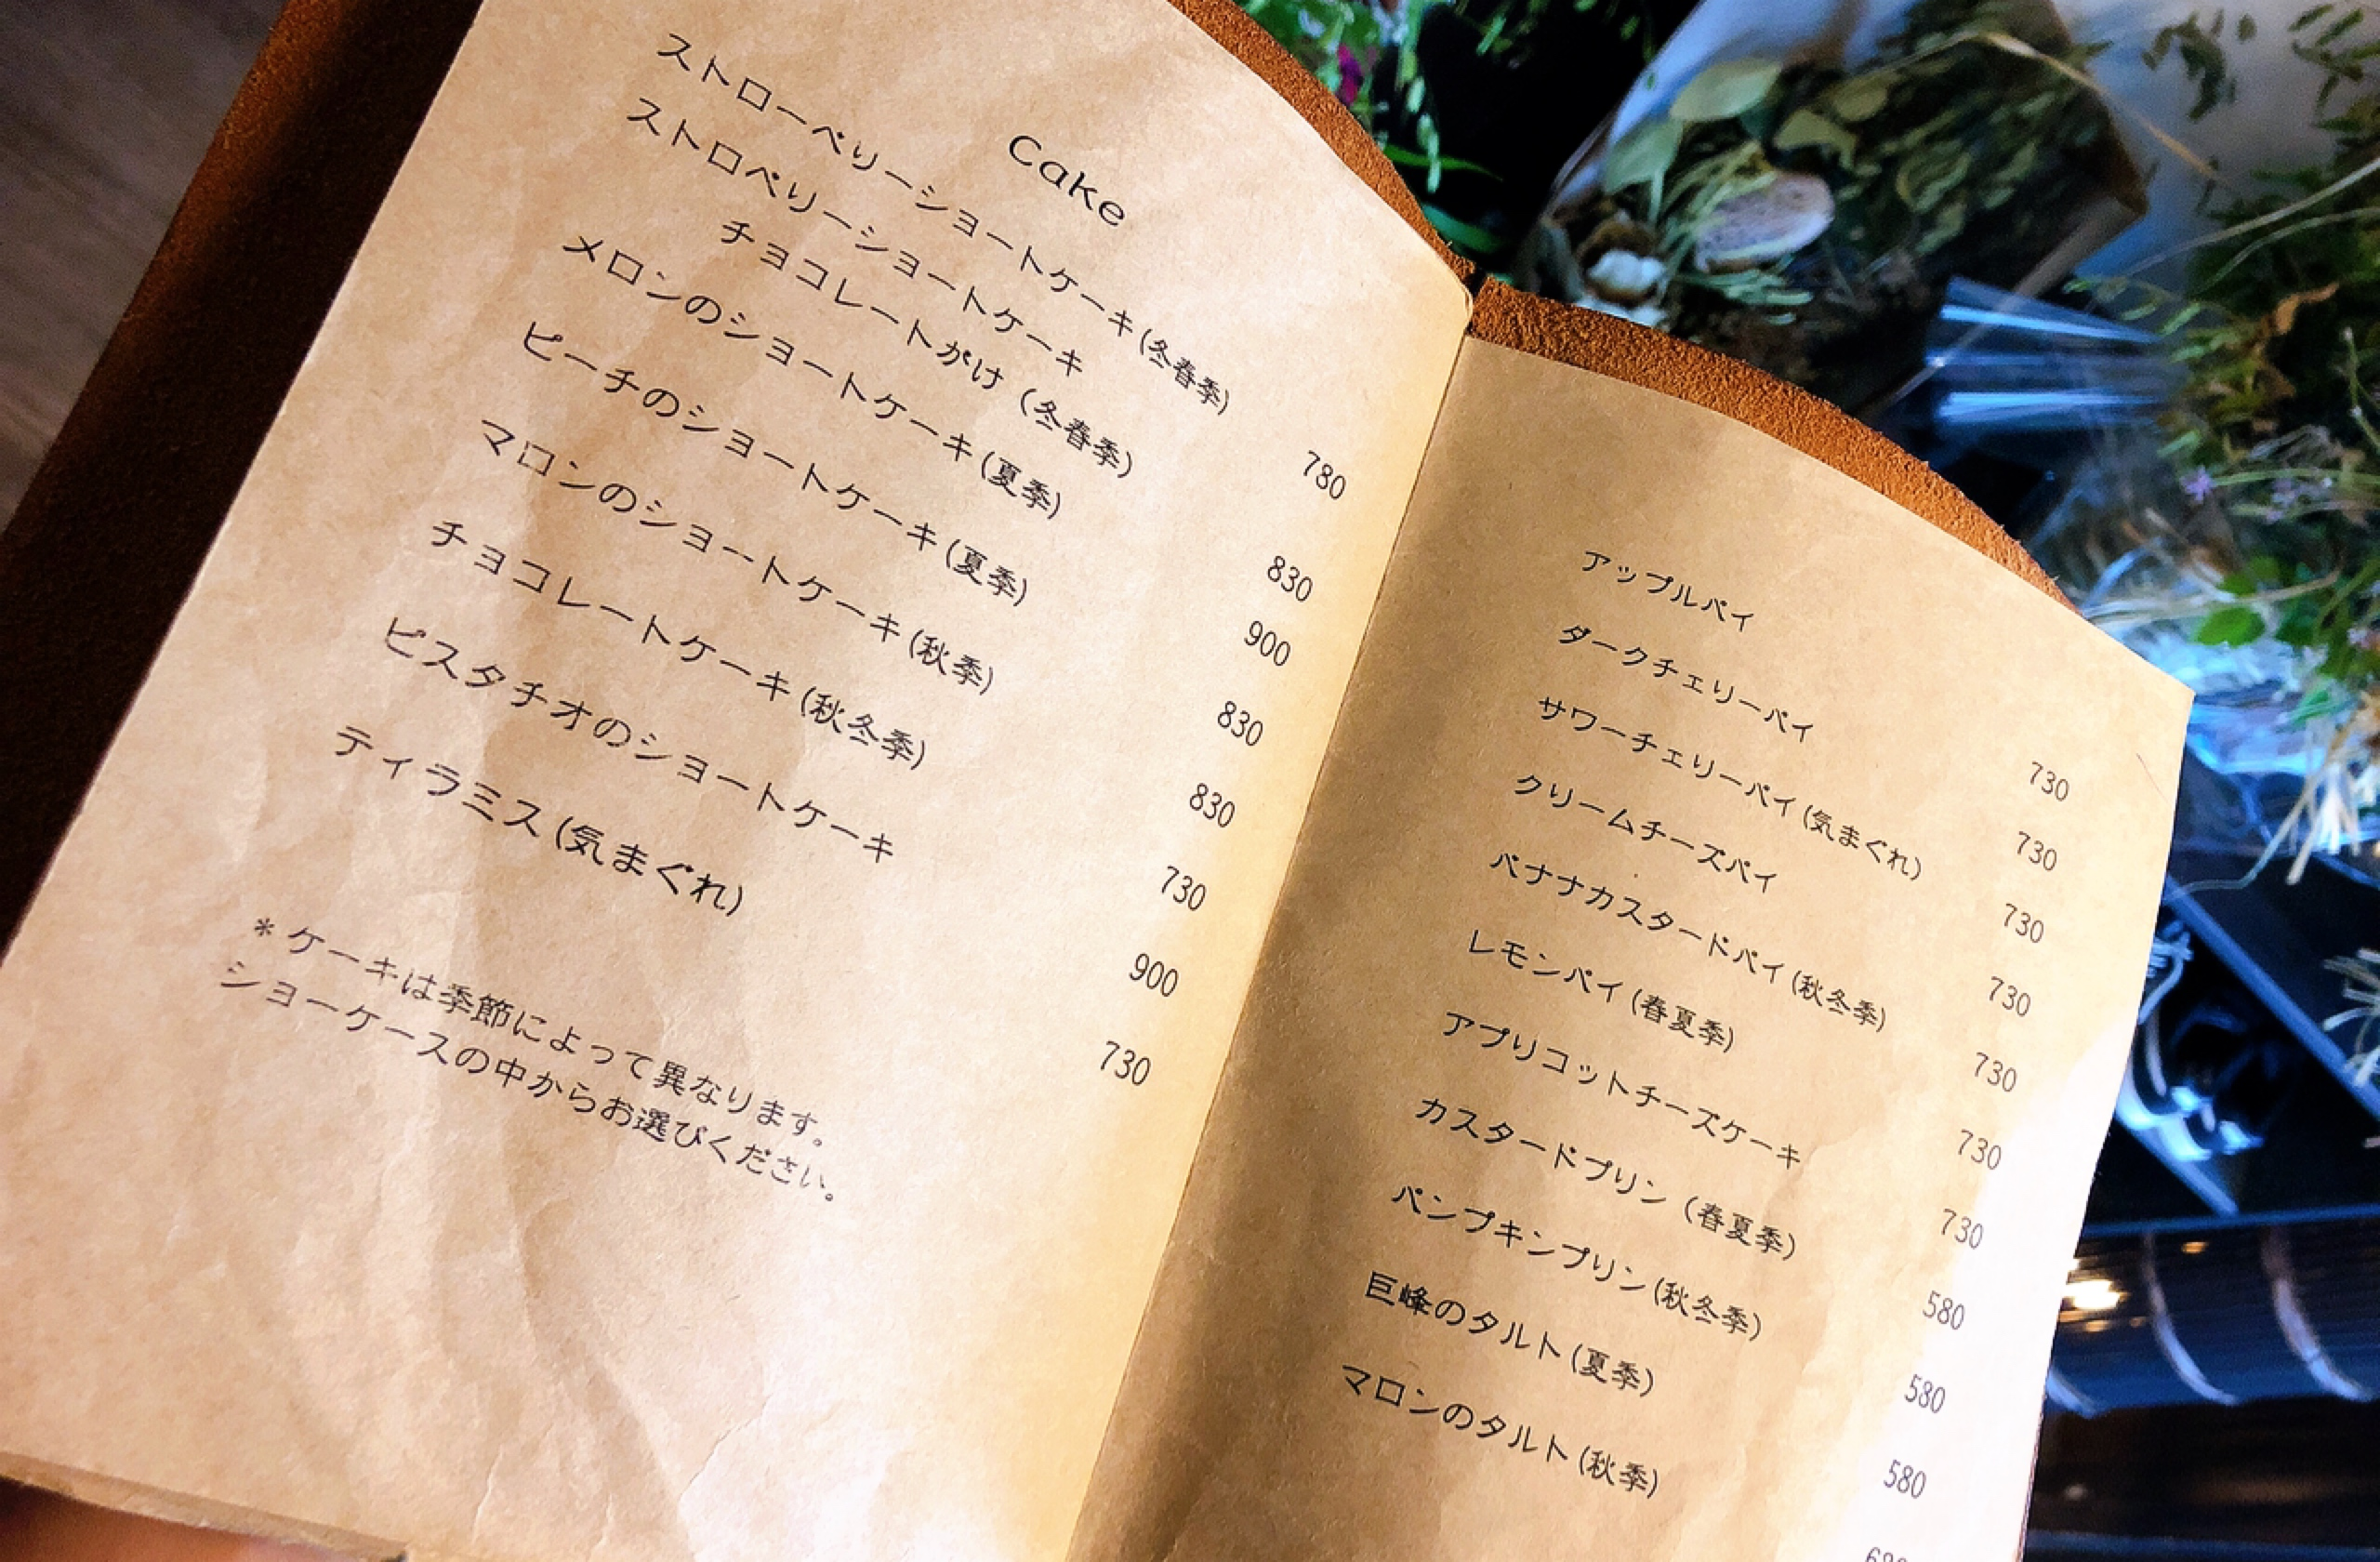 【静岡】《irodori》古民家カフェ☕︎こだわりケーキとノスタルジックな空間_4